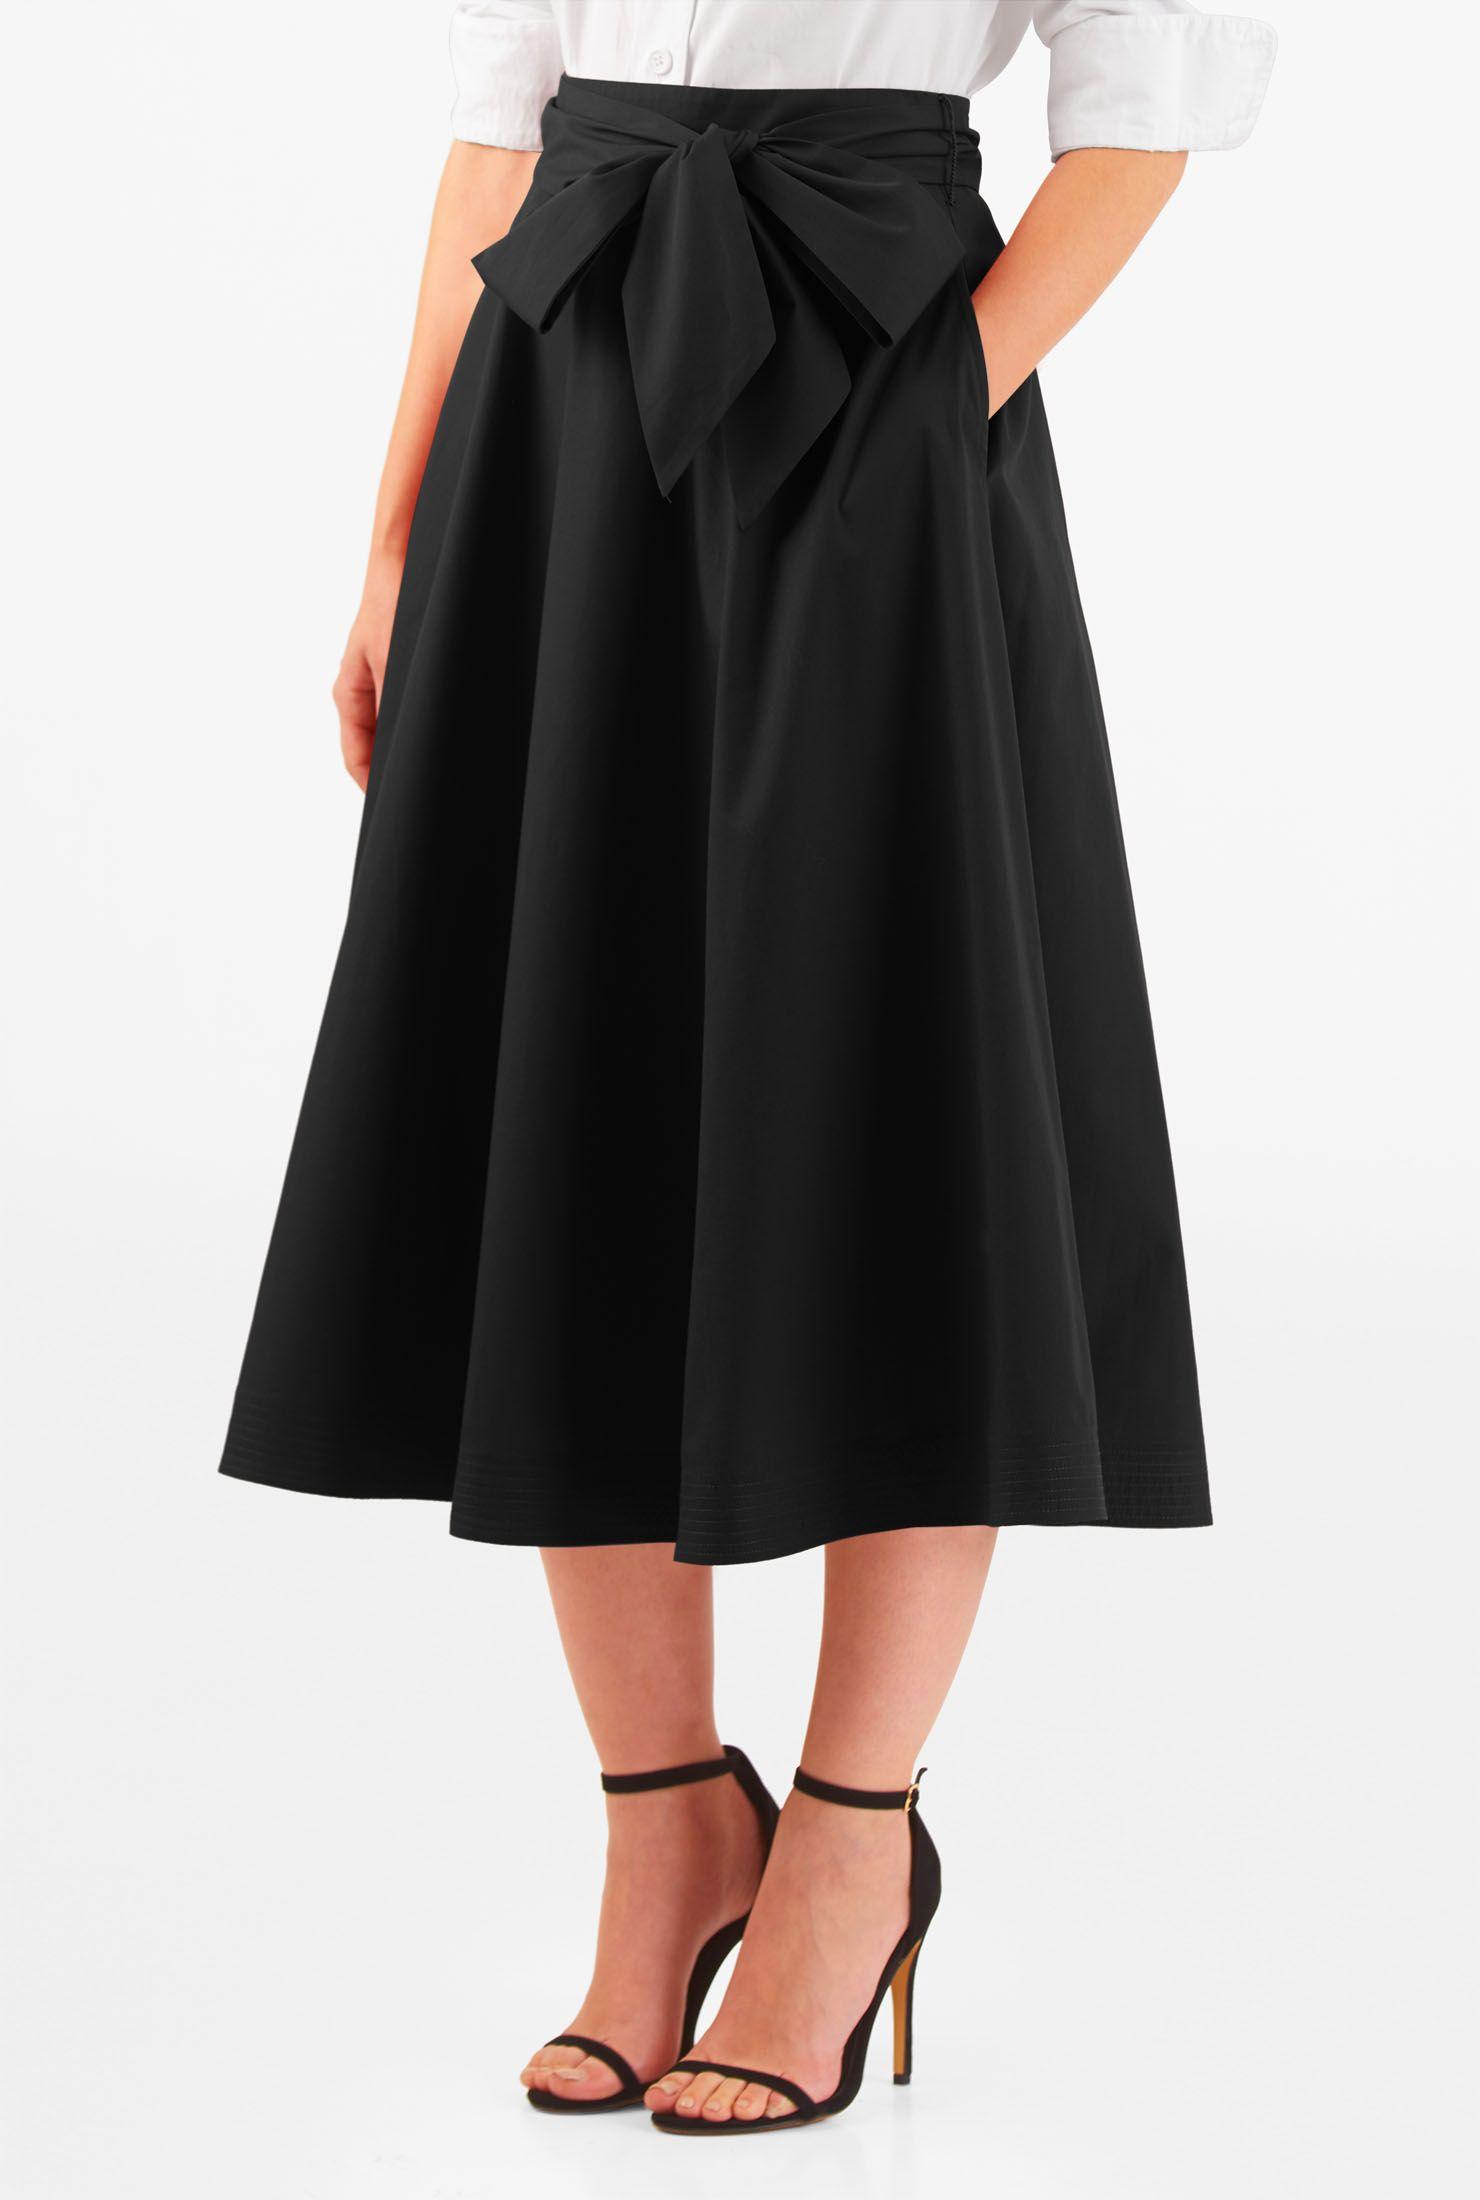 Sash Tie Poplin Midi Skirt Midi Skirt Feminine Skirt Women Dress Online